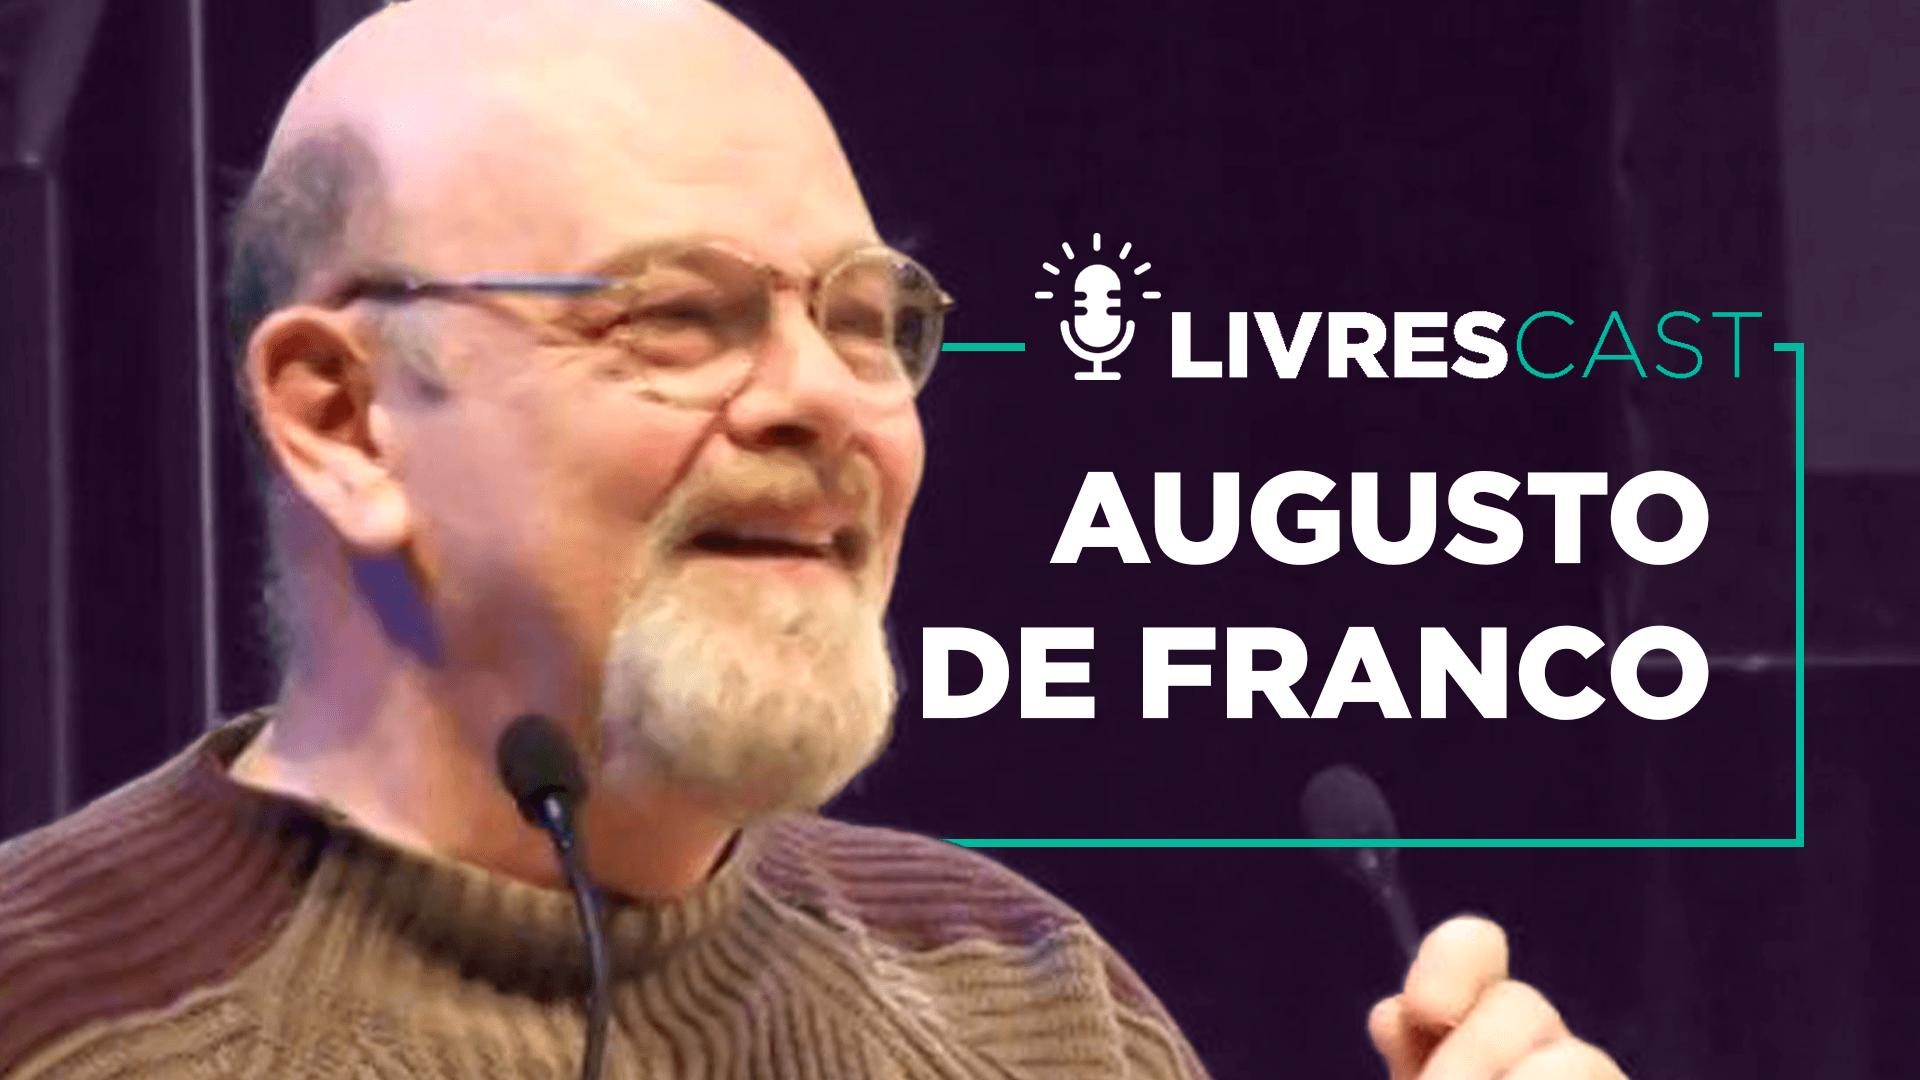 LivresCast – Democracia e populismo, com Augusto de Franco